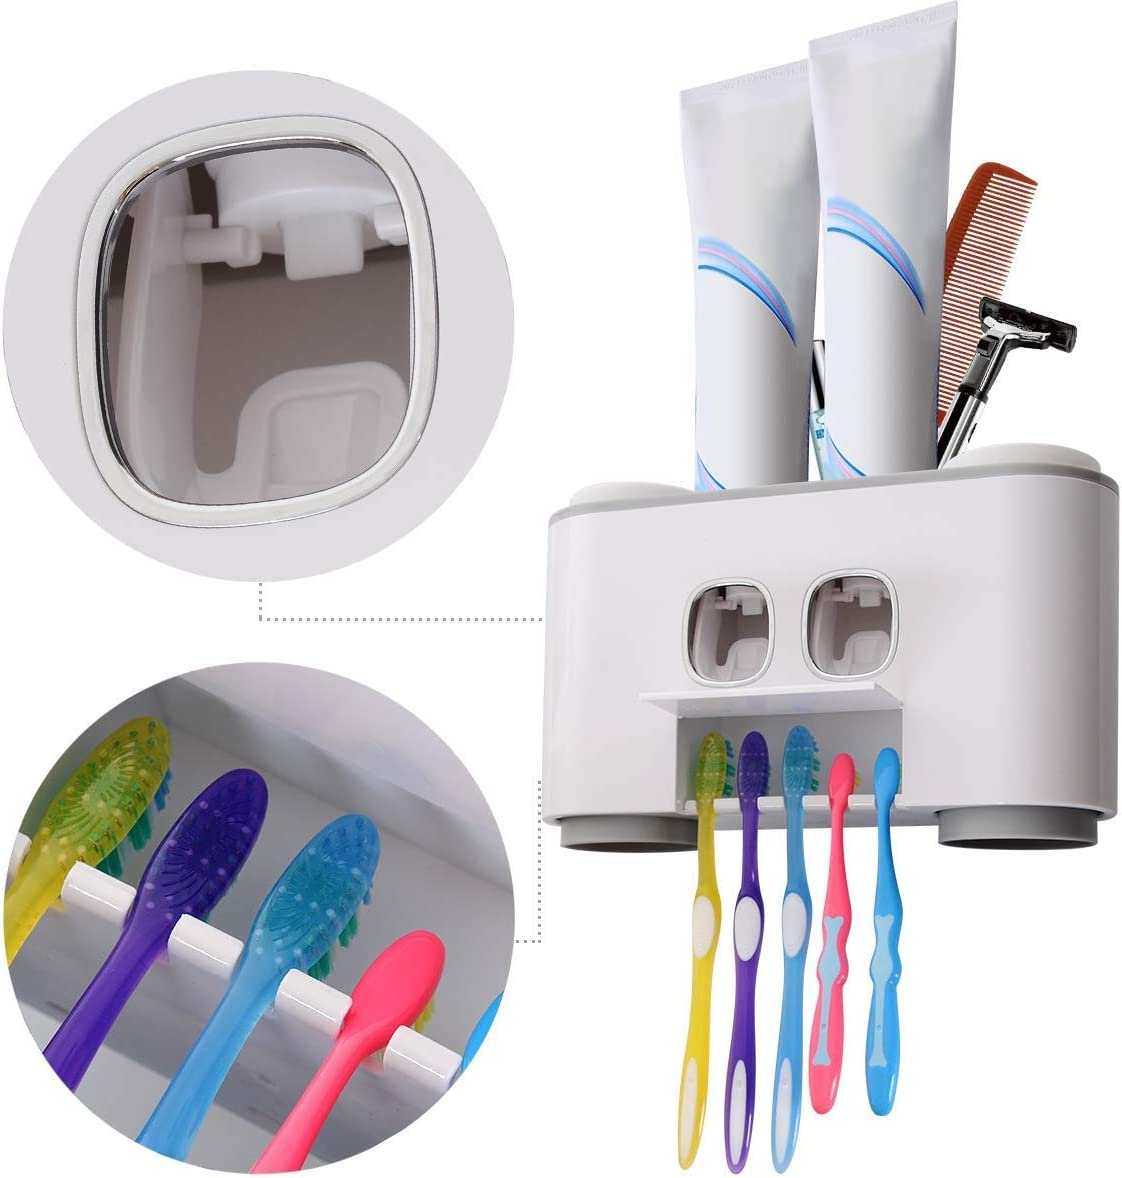 con 5 spazzolini e 4 Tazze Blu. FXY Set Dispenser Automatico di dentifricio e portaspazzolino